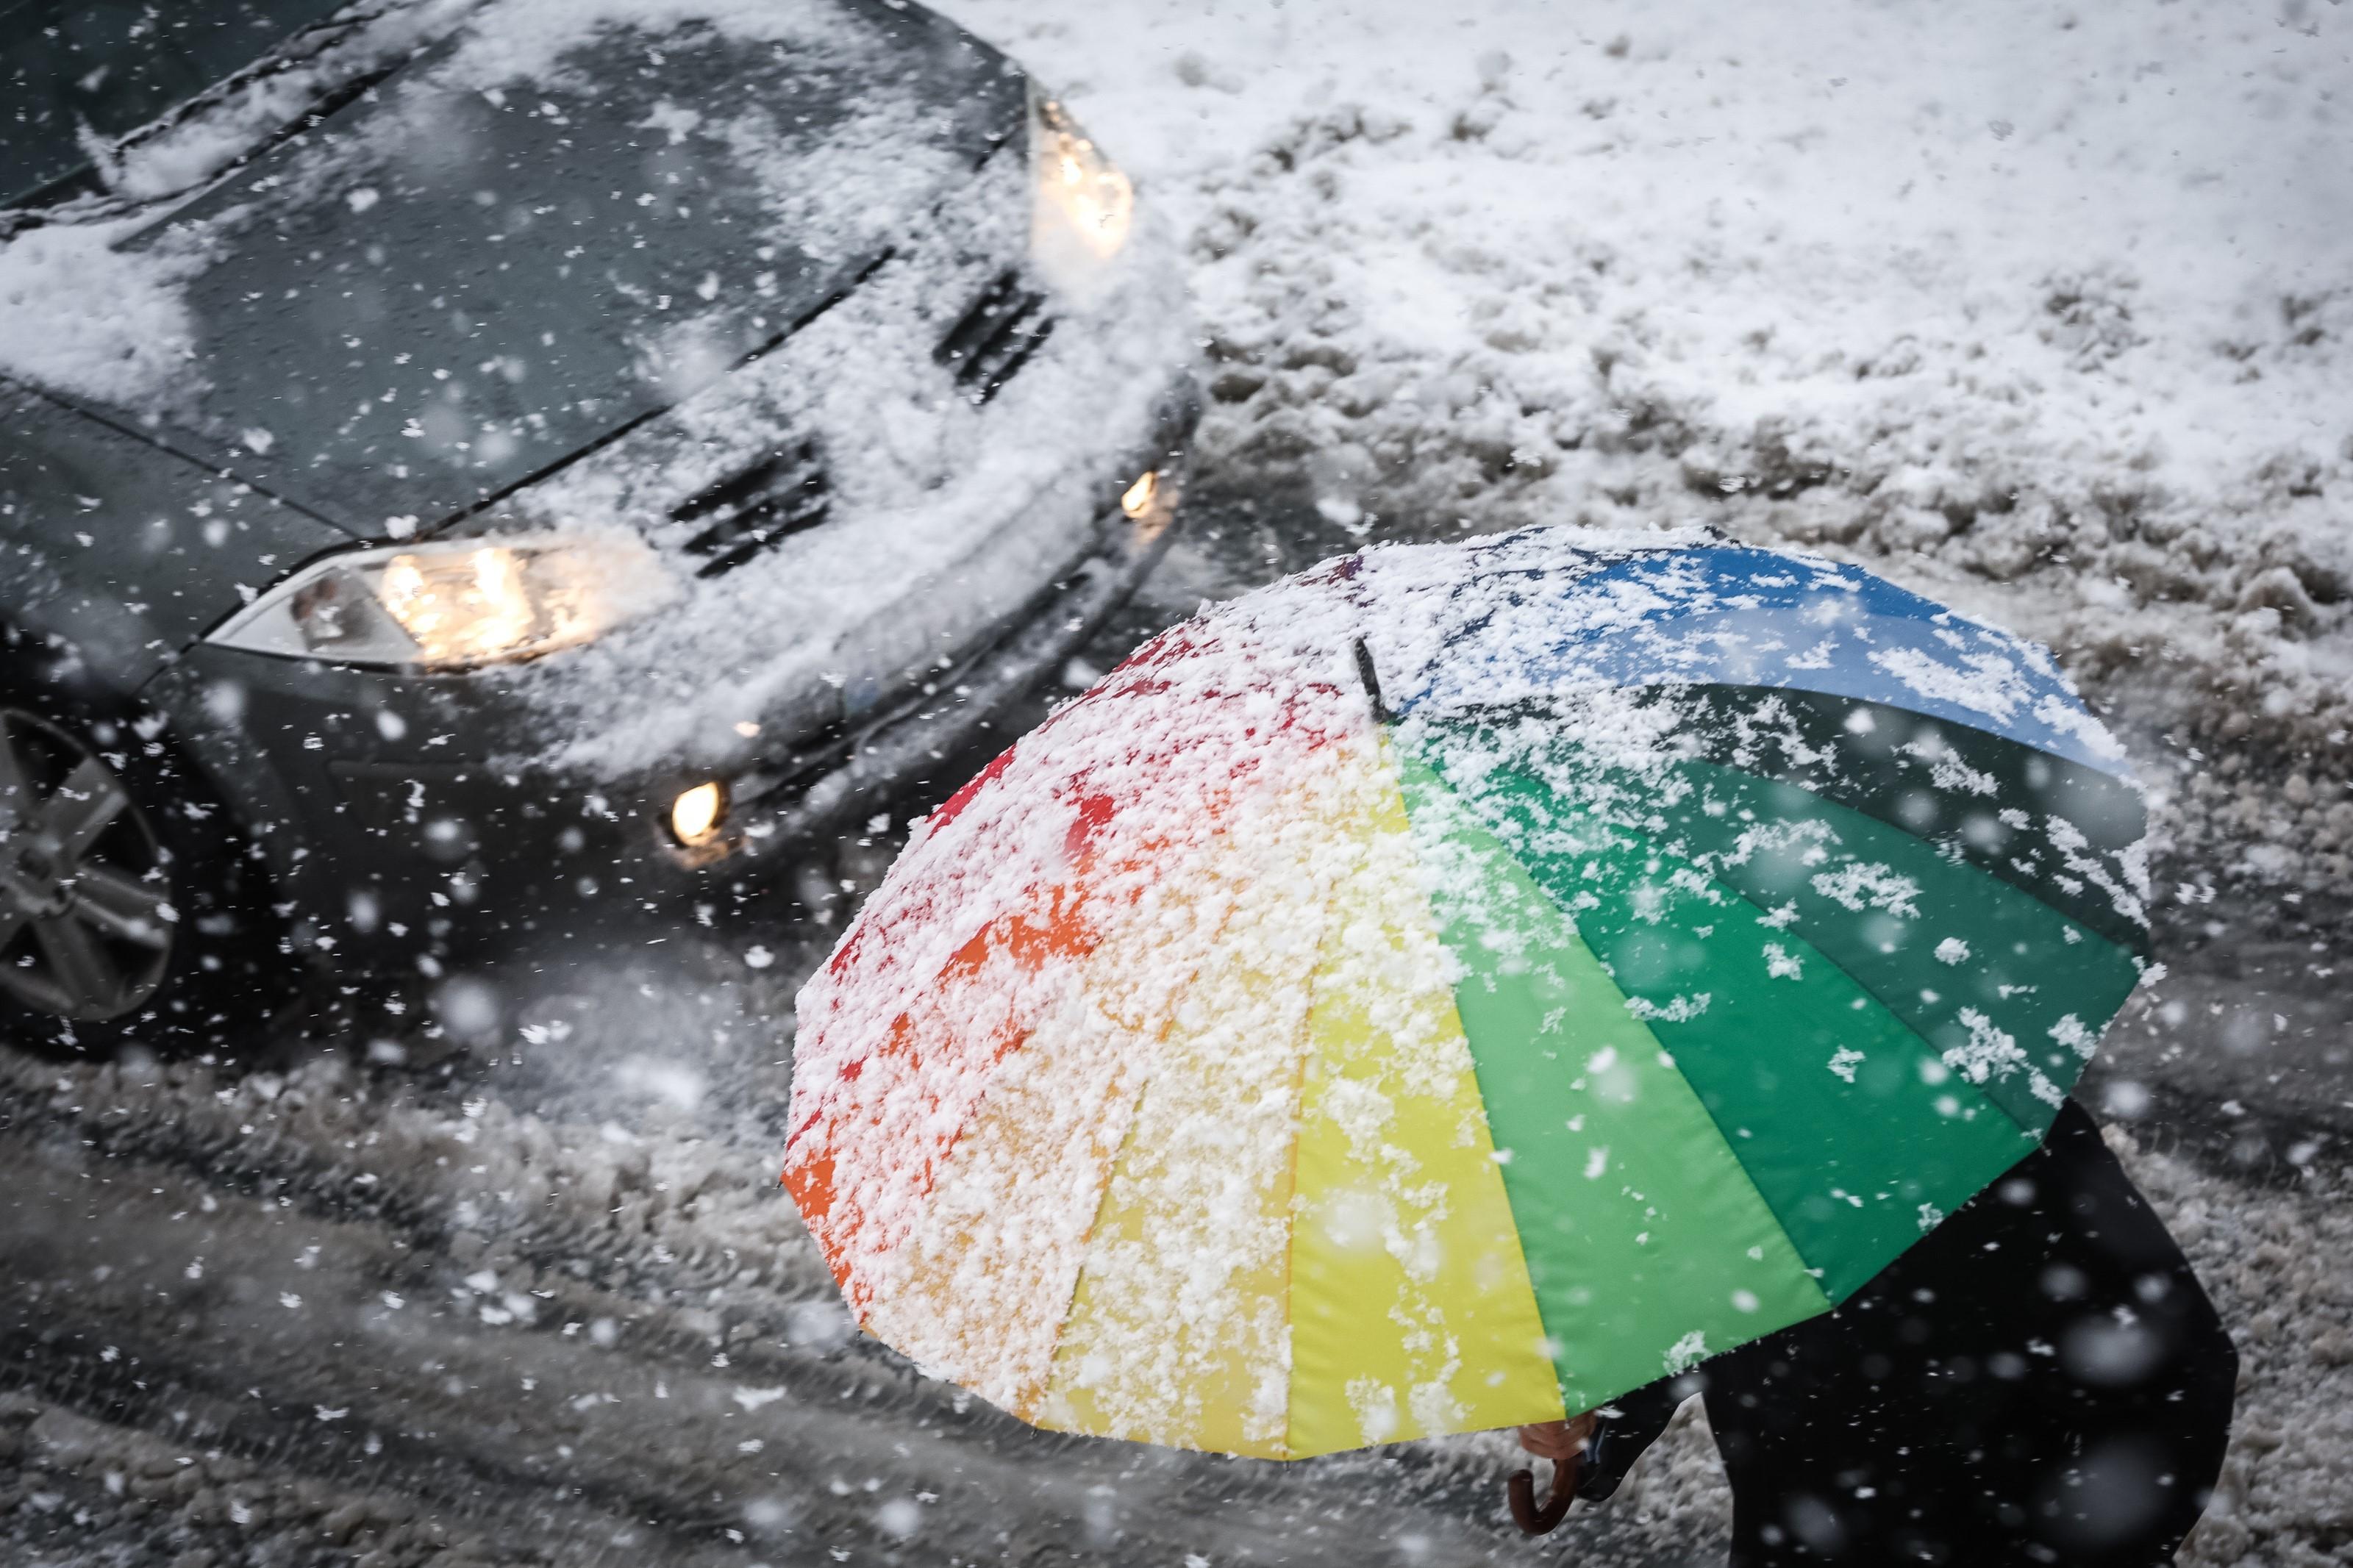 Vreme predominant închisă. Unde vor cădea ninsori / Prognoza meteo pentru marţi şi miercuri